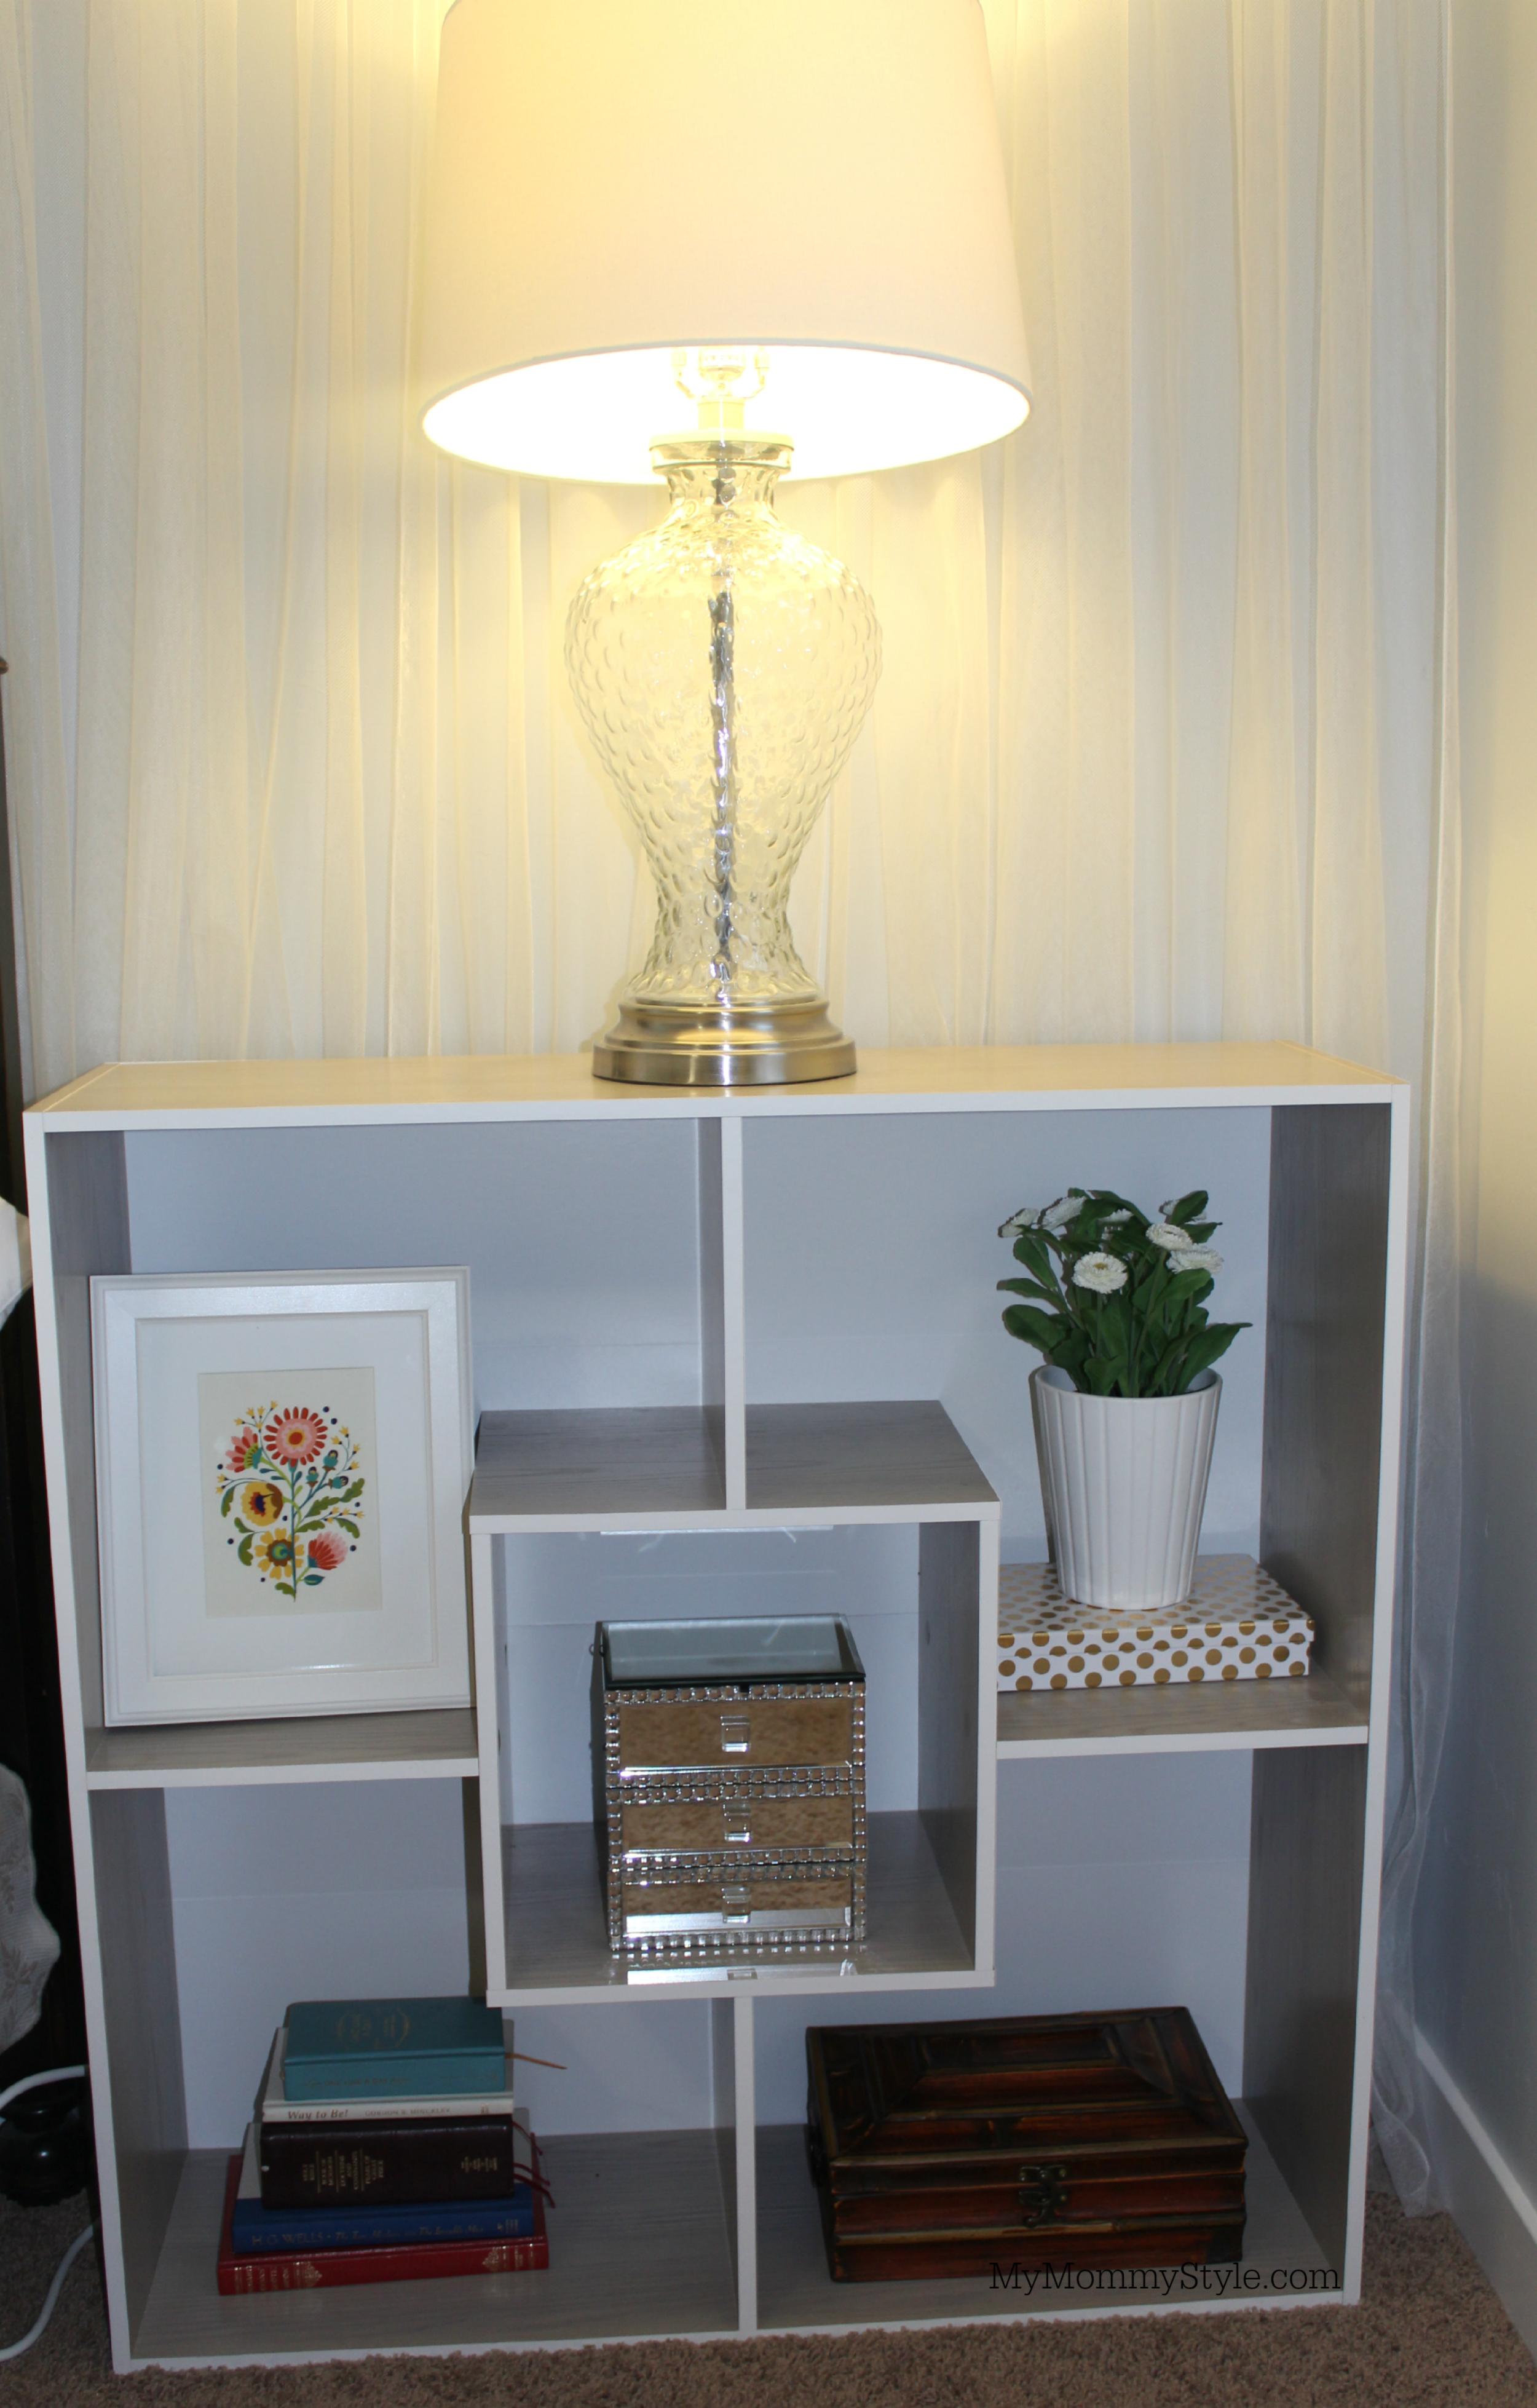 Bookshelf nightstand with feminine decor